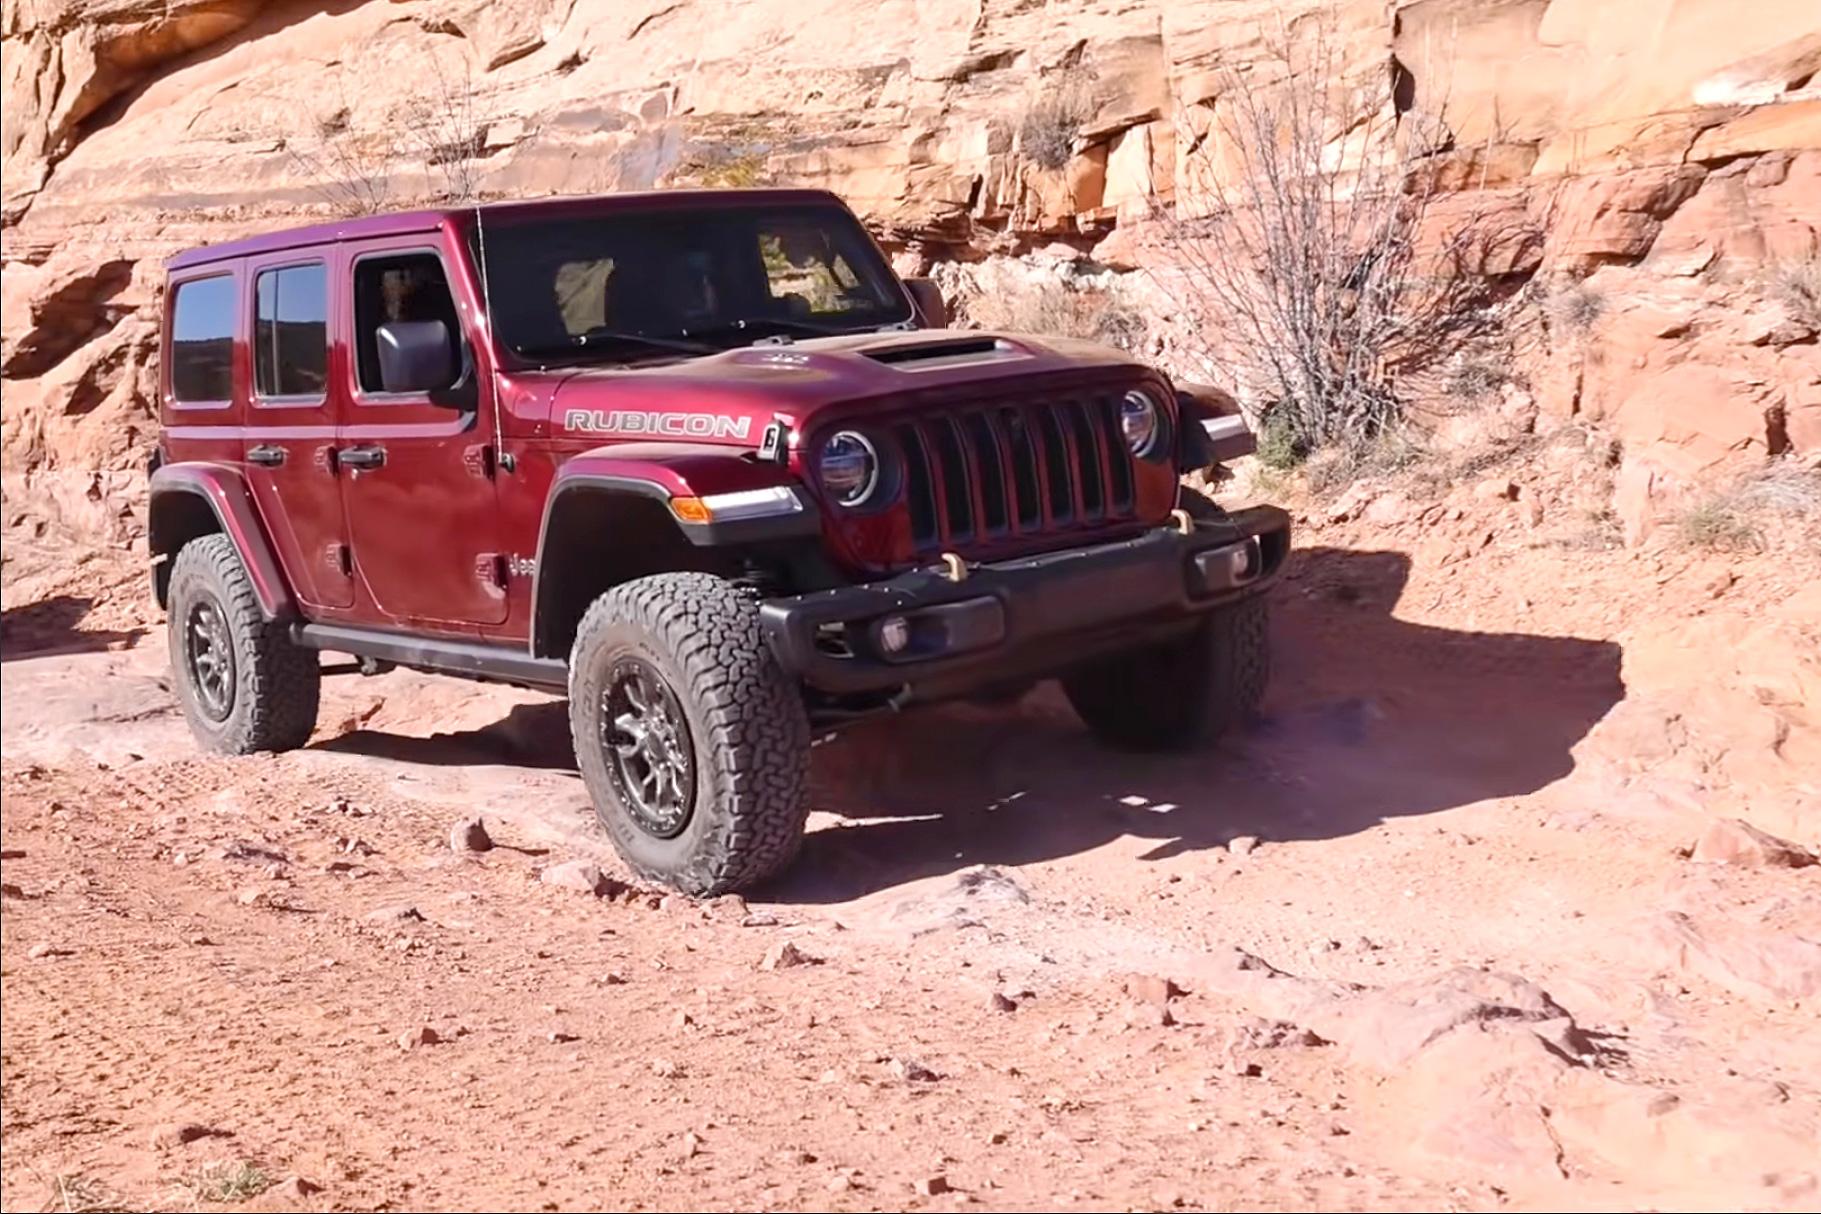 La nouvelle Jeep Wrangler Rubicon 392 avec le moteur Hem